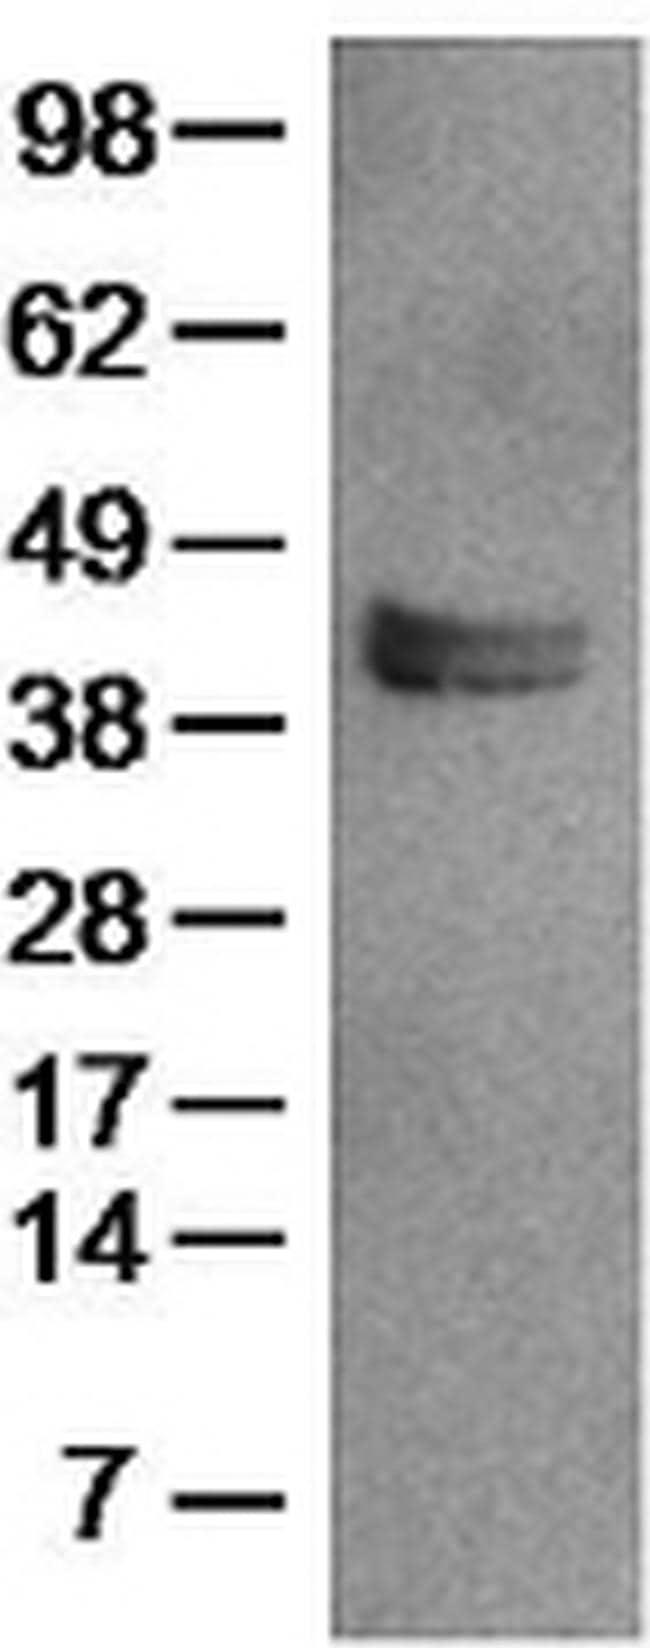 LAP (Latency Associated peptide) Antibody in Western Blot (WB)